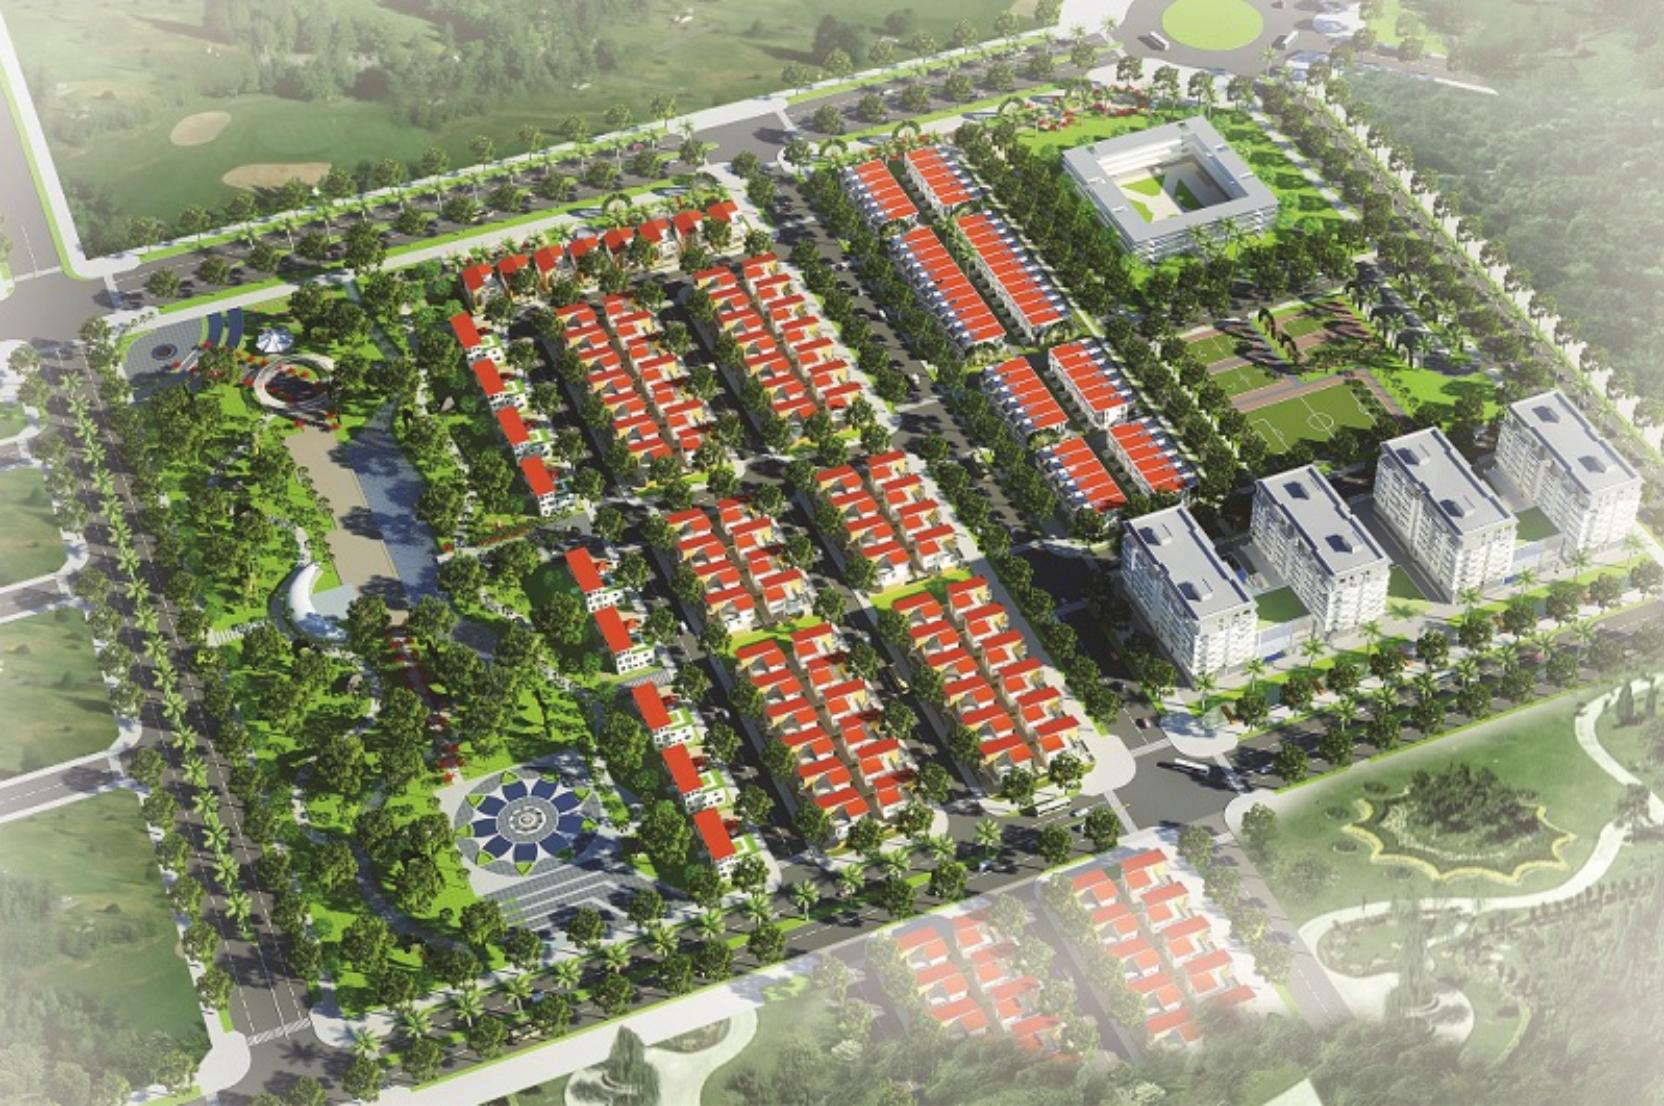 Bán đất nền Nhơn Trạch DIC Hiệp Phước diện tích 100m2 – 1 tỷ 200 triệu